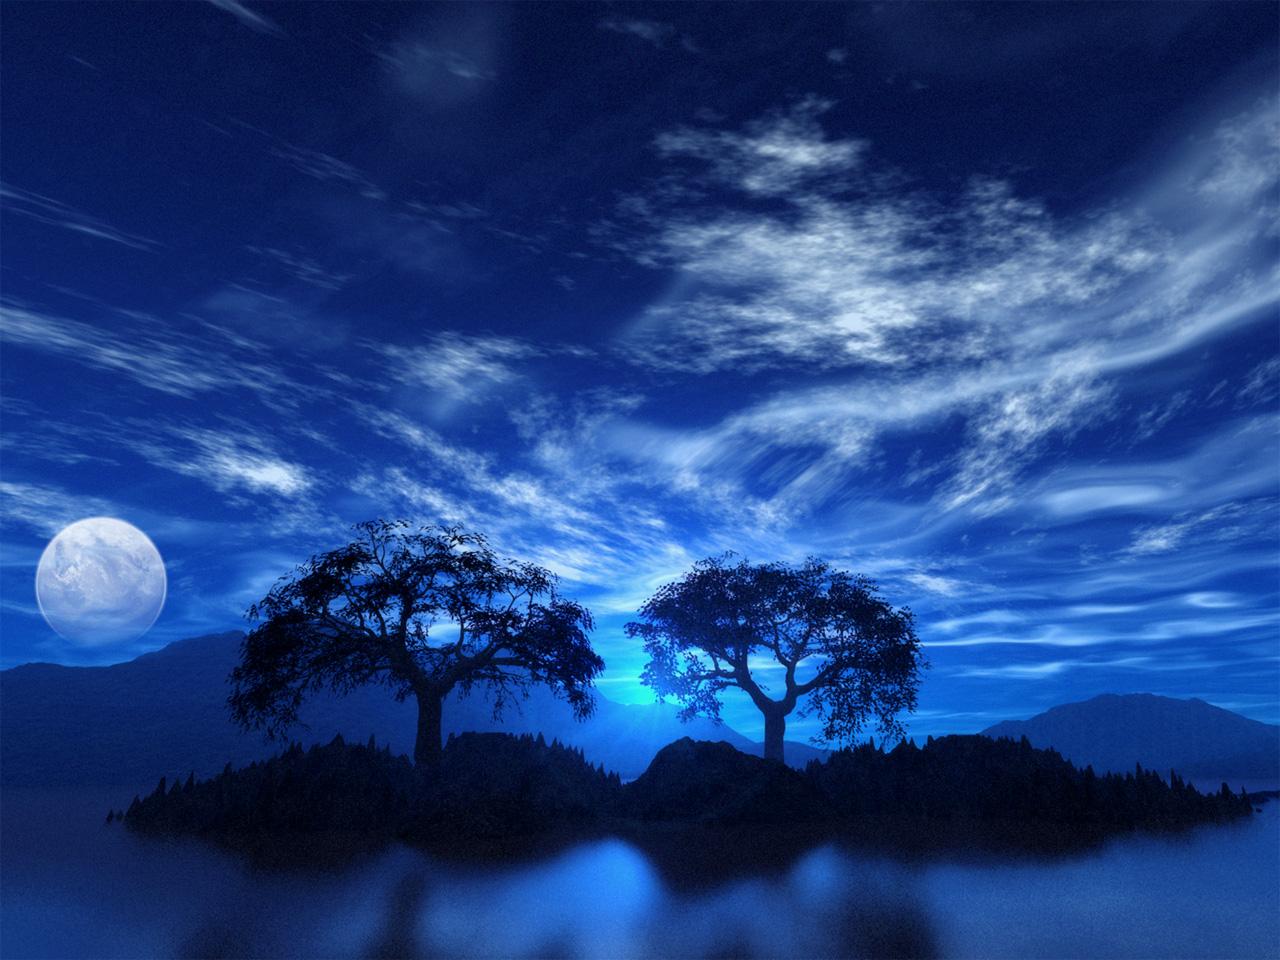 http://4.bp.blogspot.com/-SehQZaRaLHY/T1ubsE3bv3I/AAAAAAAAAqg/H98qHMkvp98/s1600/ws_Blue_sky_and_moon_1280x960.jpg